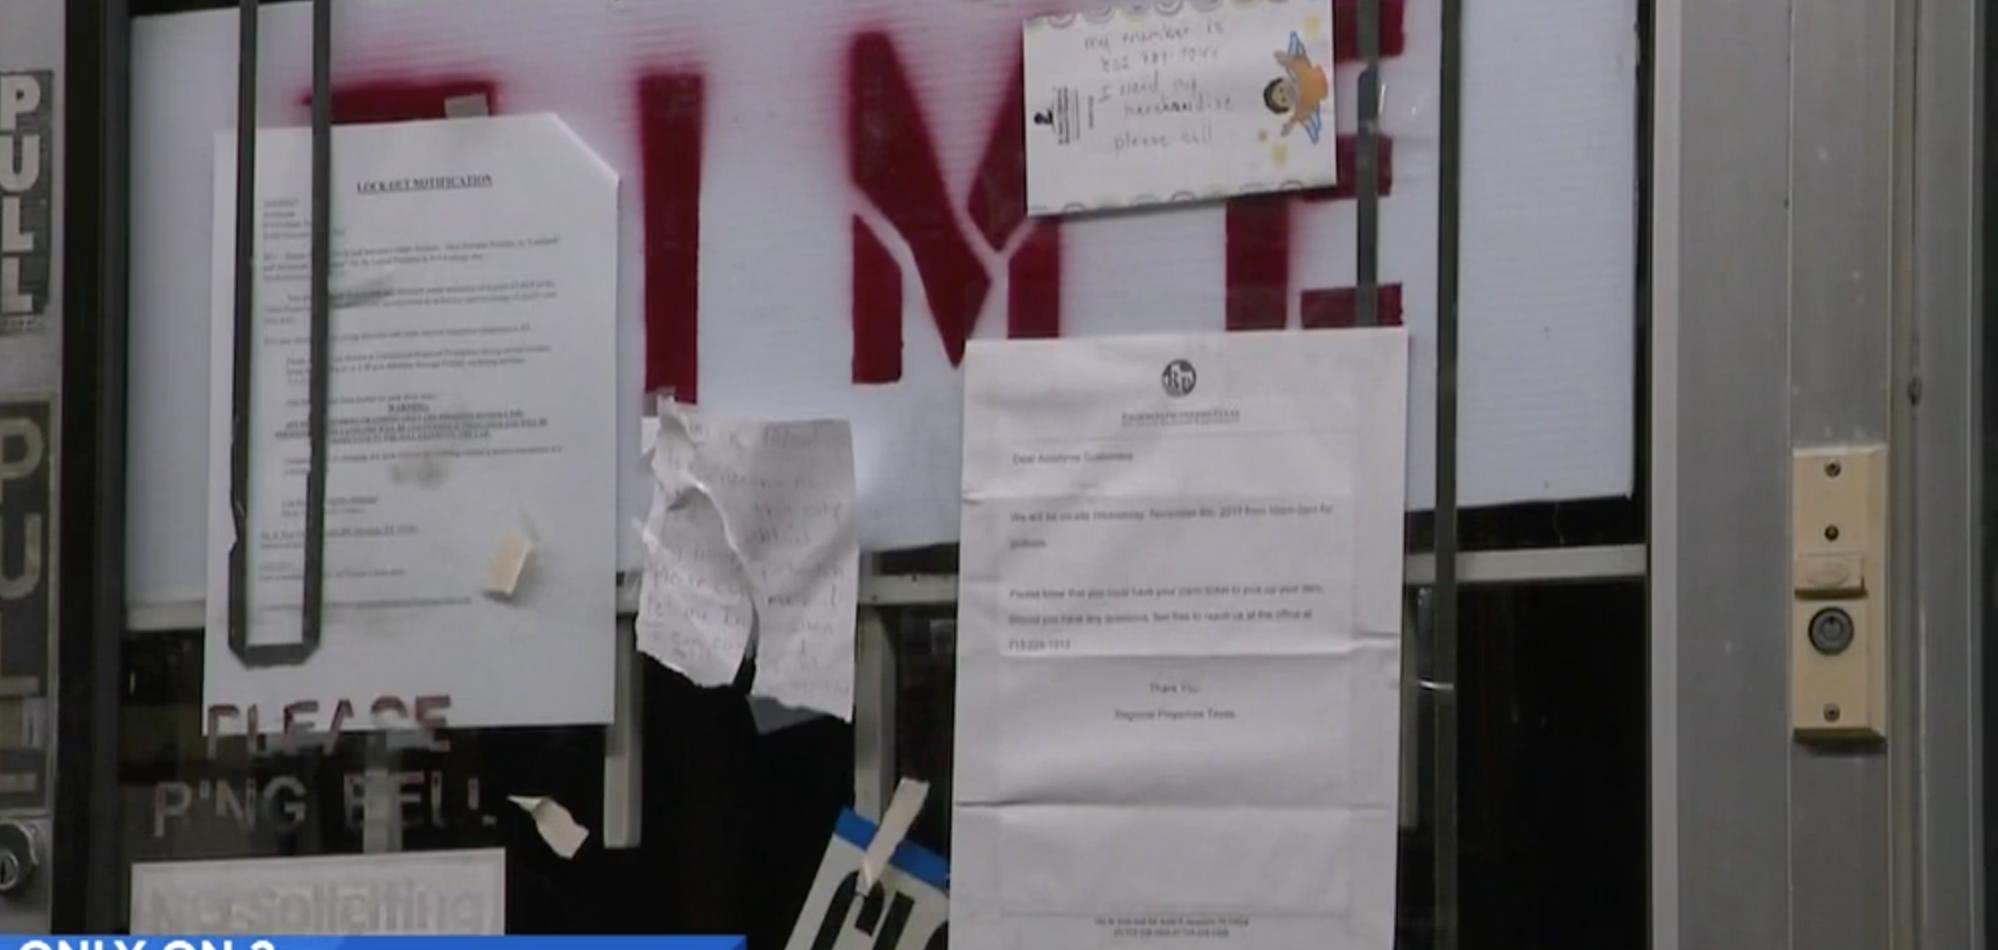 遺失鐘錶的顧客在店門上粘貼字條,希望得到物品不翼而飛的解釋。(取材自KPRC2)